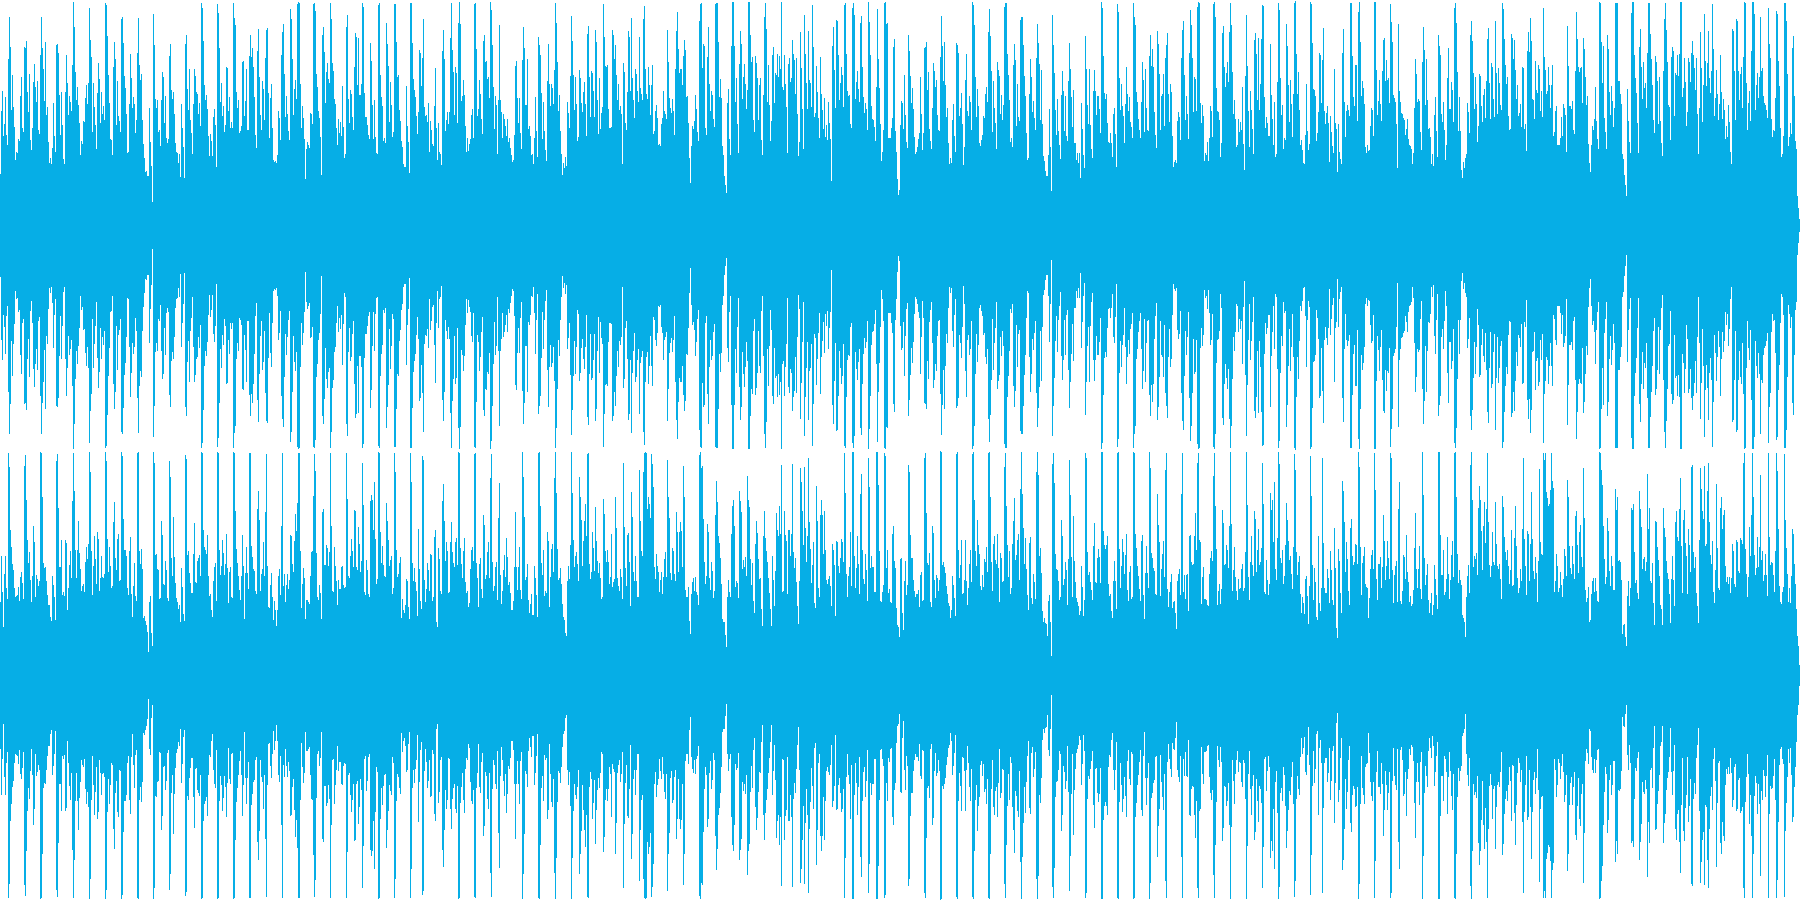 ほのぼのとしたオーケストラBGMループ可の再生済みの波形